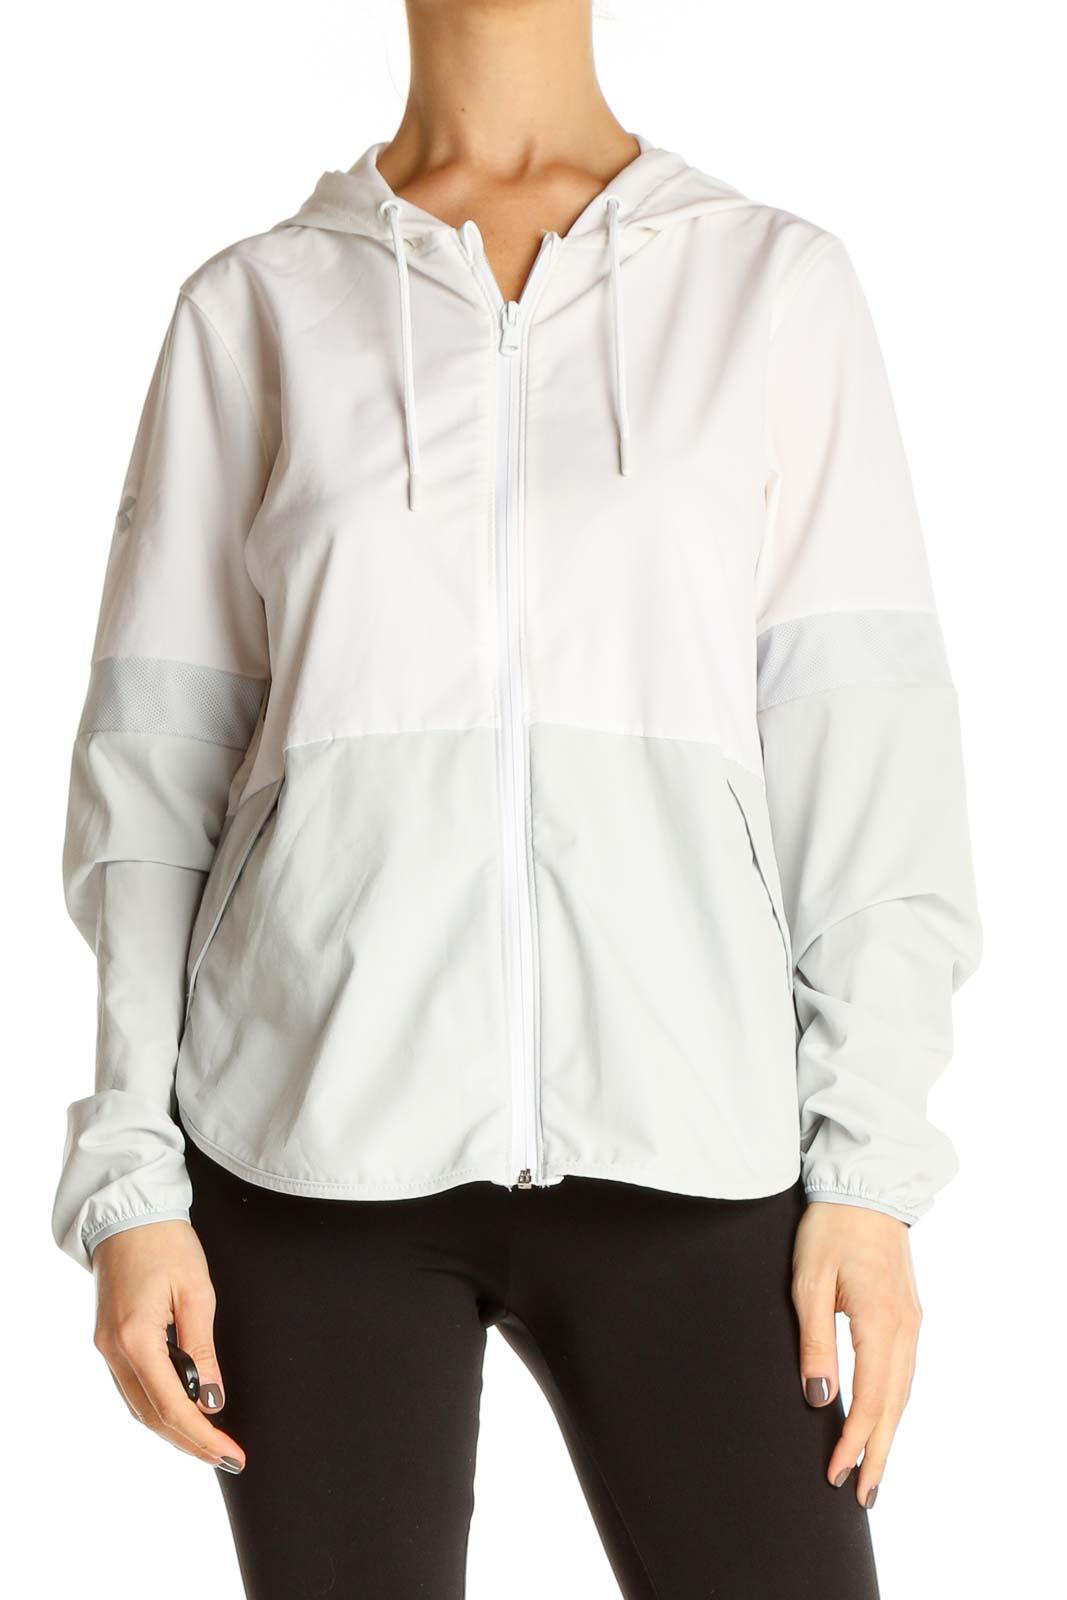 White Windbreaker Jacket Front